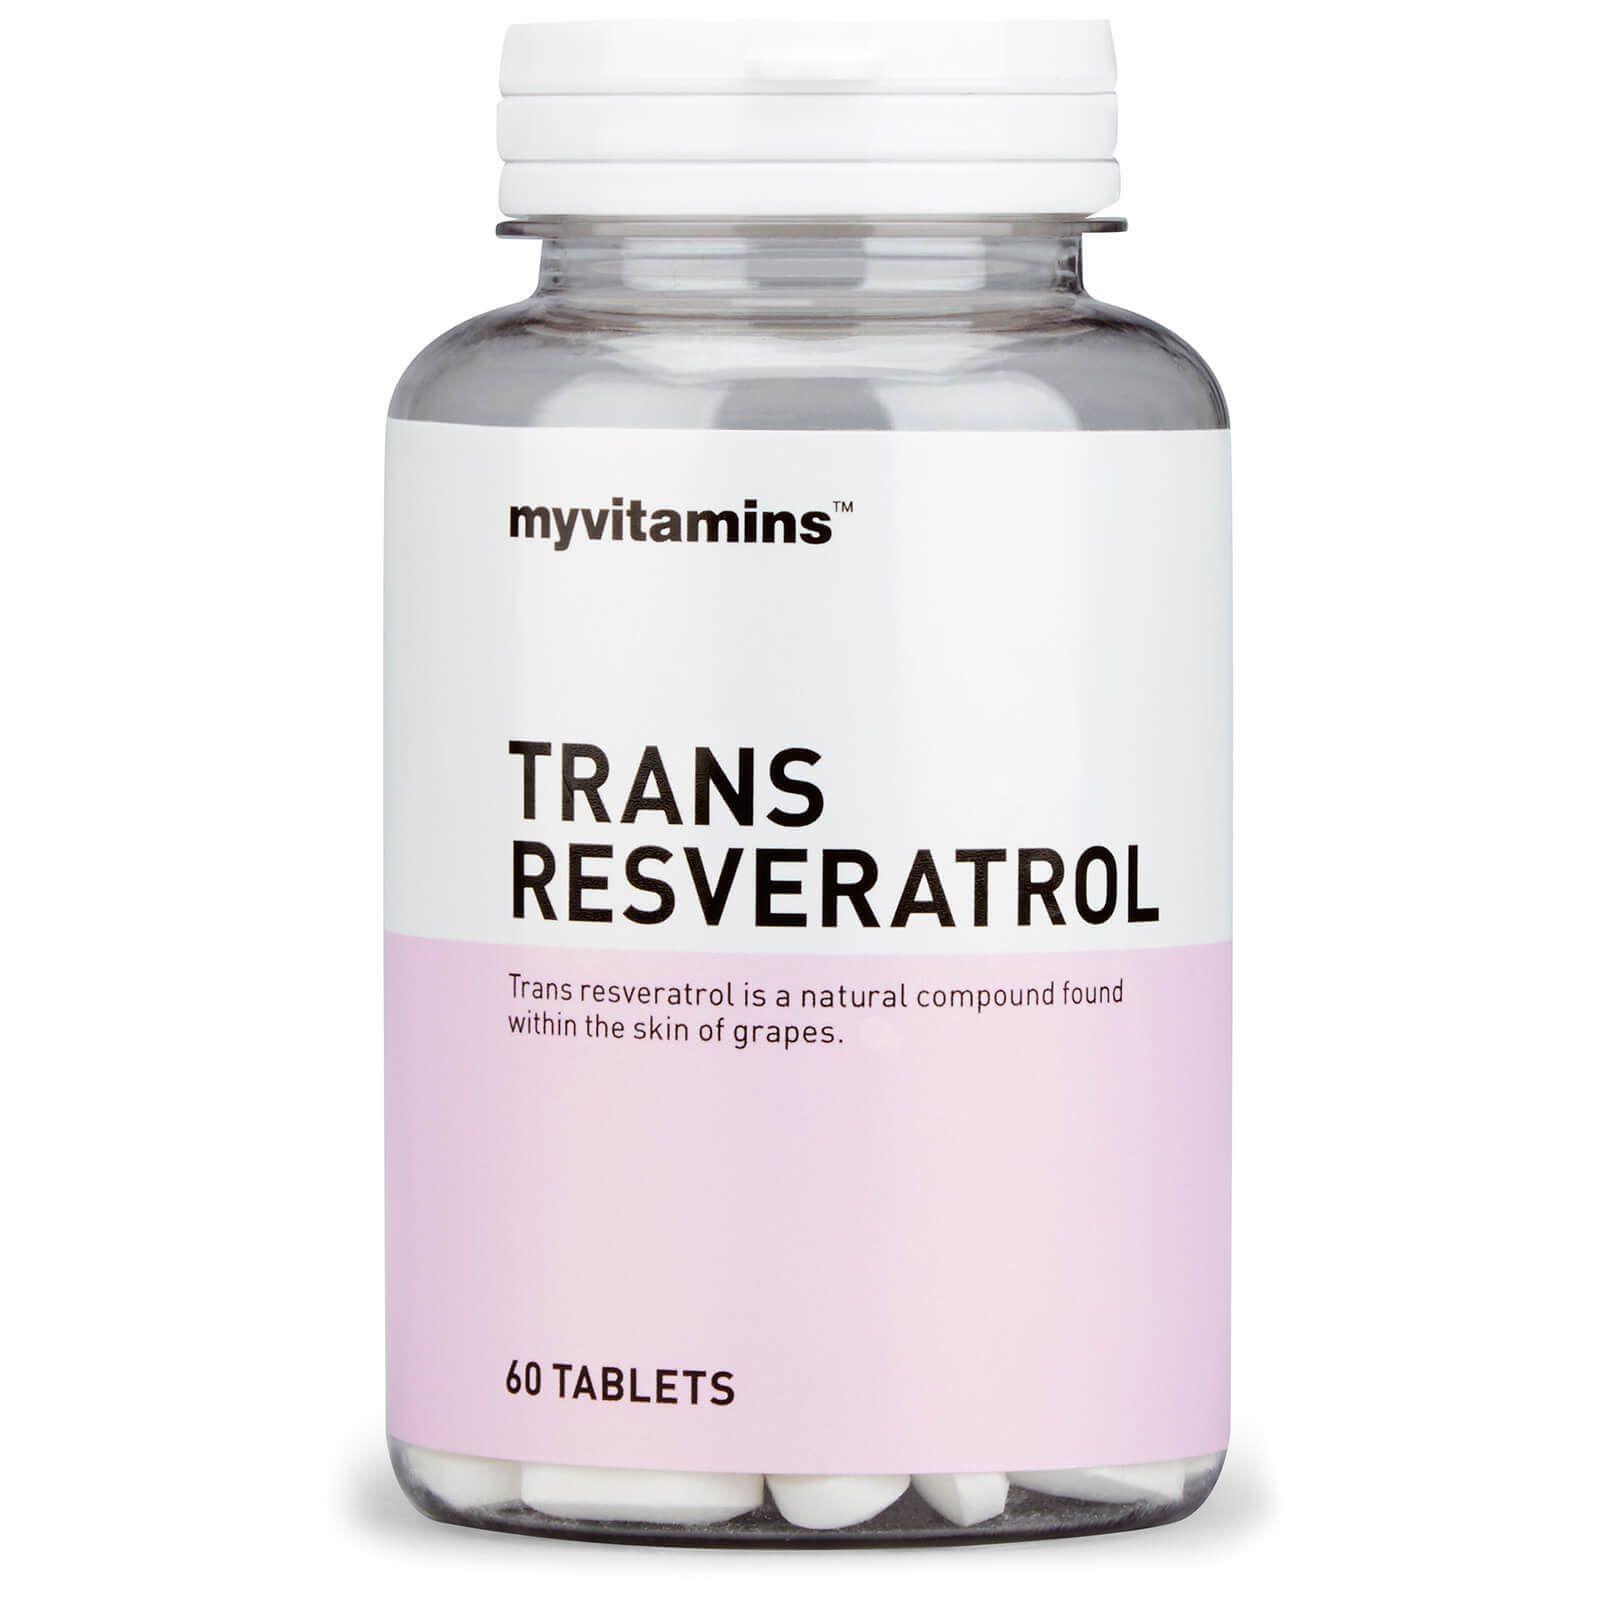 Trans Resveratrol Tablets Resveratrol Medicine Packaging